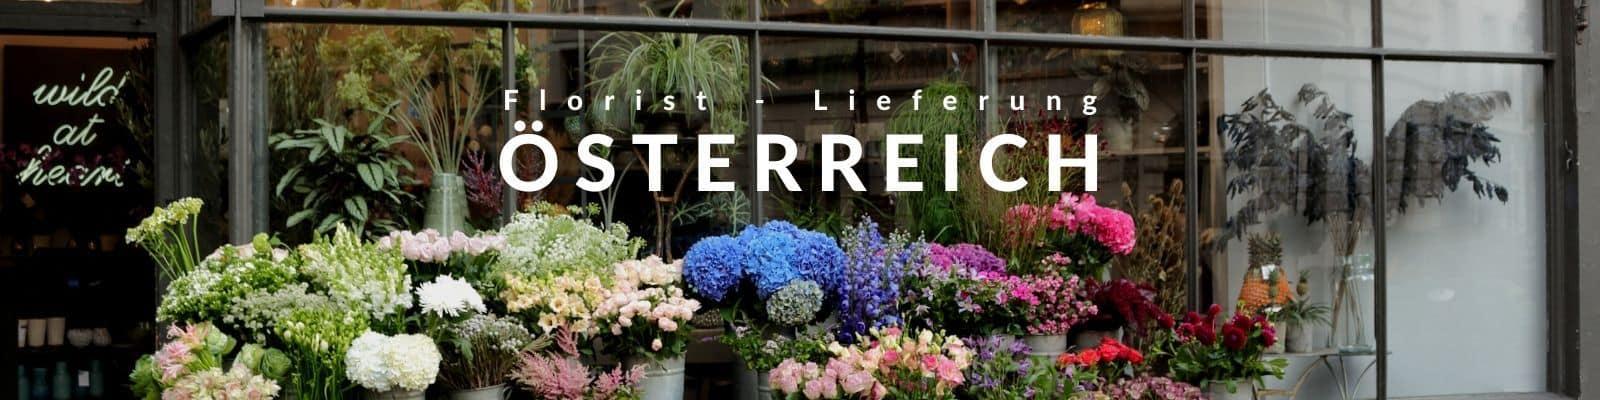 Blumen verschicken Österreich - Blumenversand in Österreich